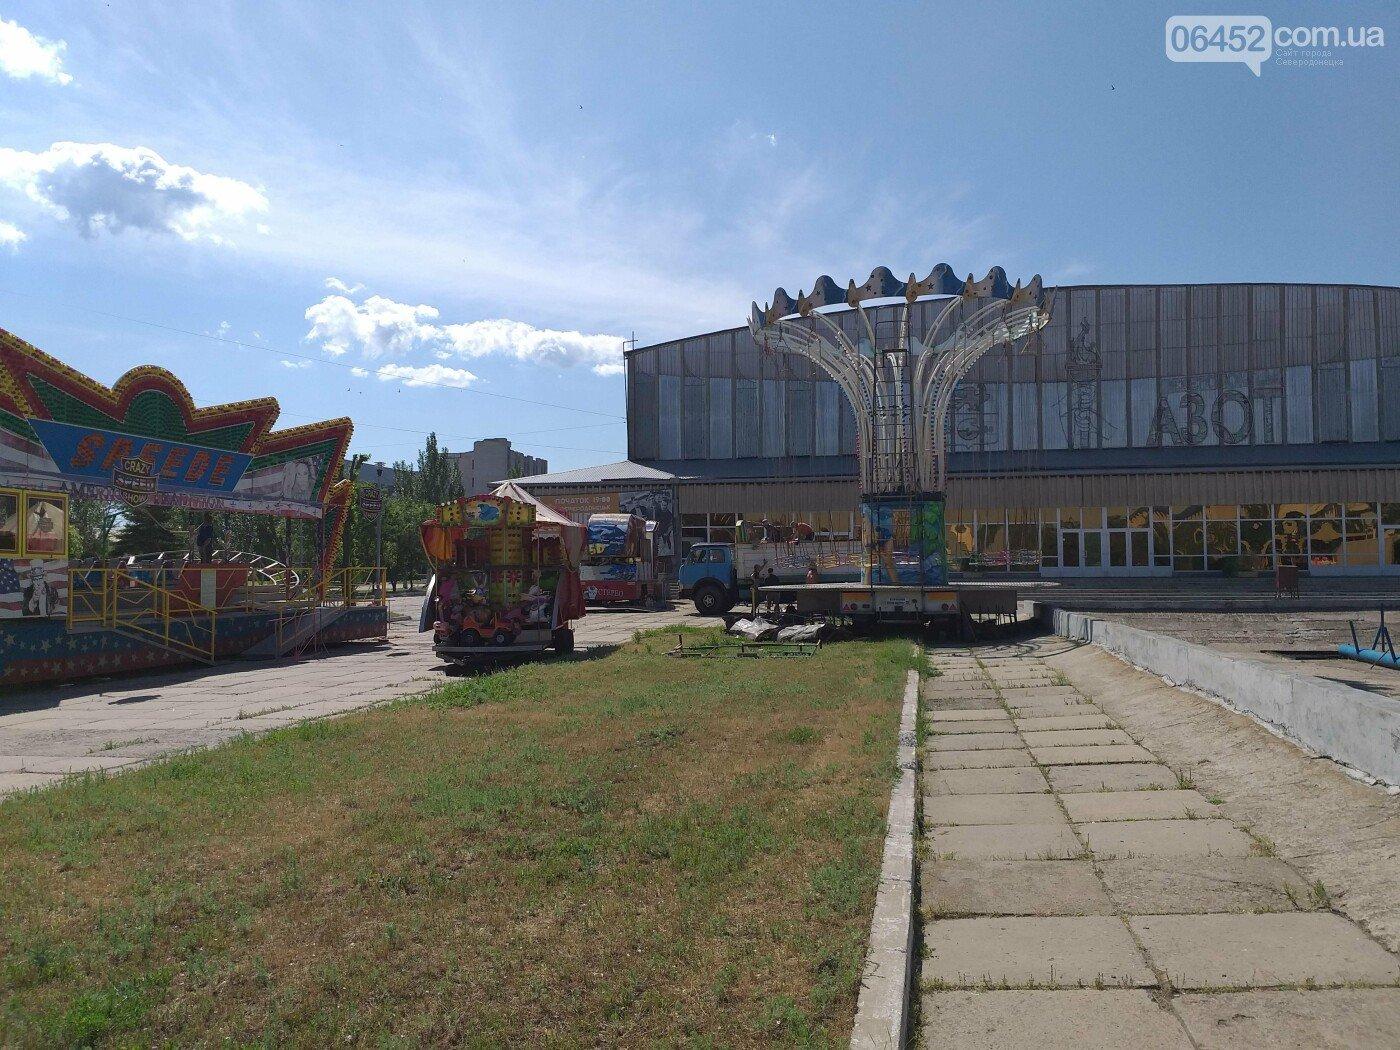 Двойной праздник: куда и когда пойти северодончанам и гостям города в эти выходные, фото-6